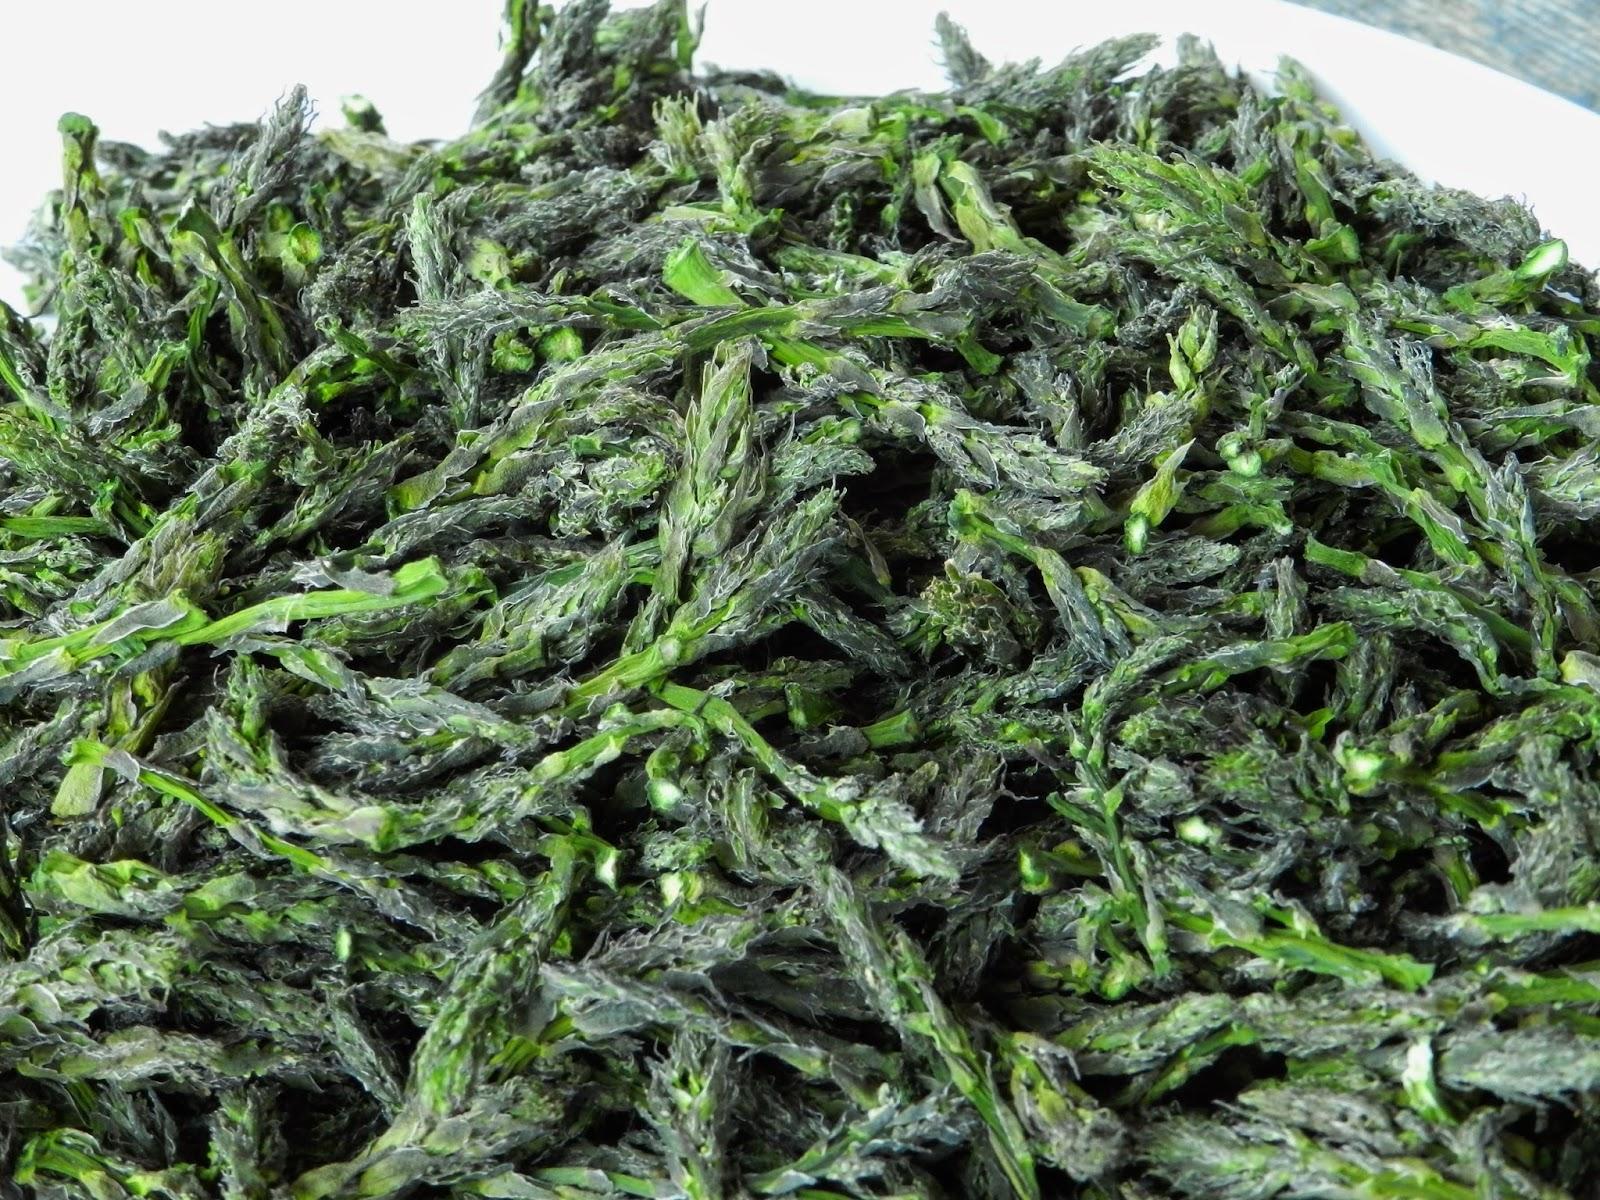 Consorzio asparago Piacenza disidratato